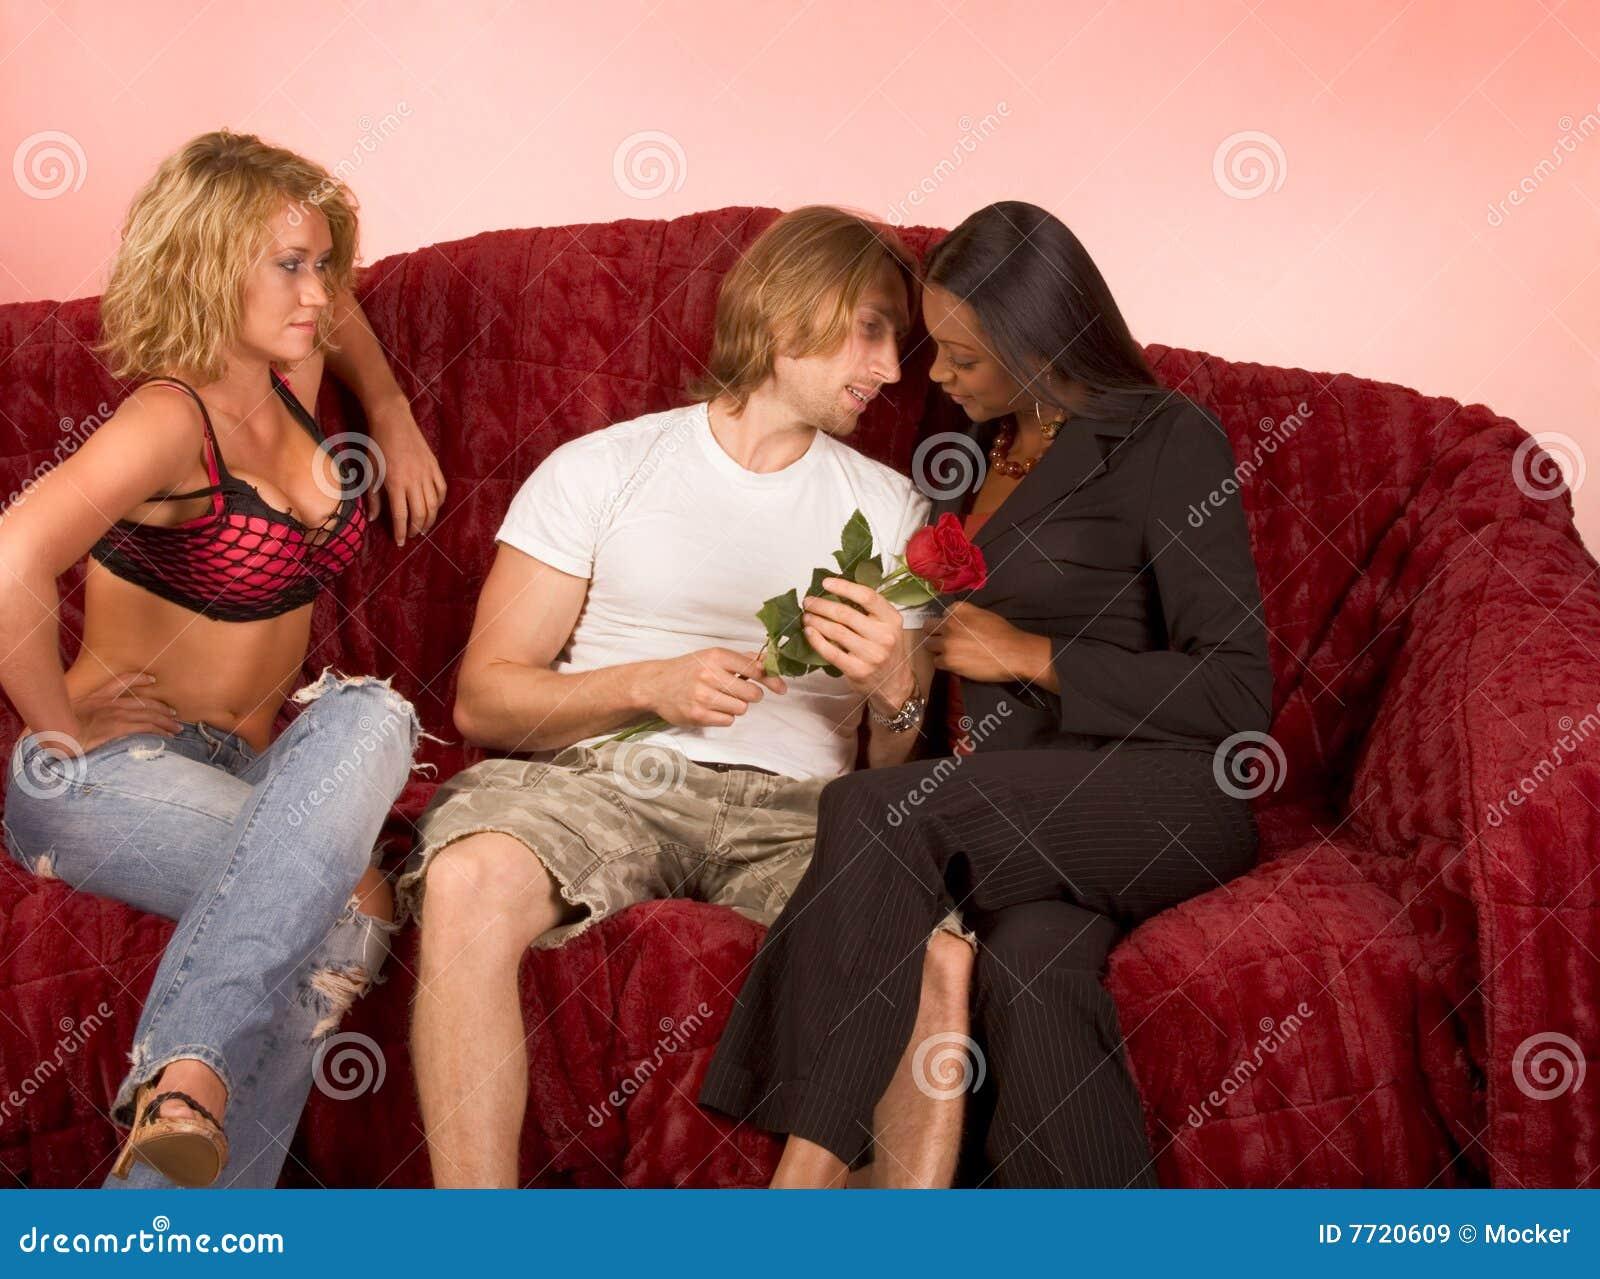 Блондинка В Кружевной Маске Сплюнула Сперму Подруге В Рот